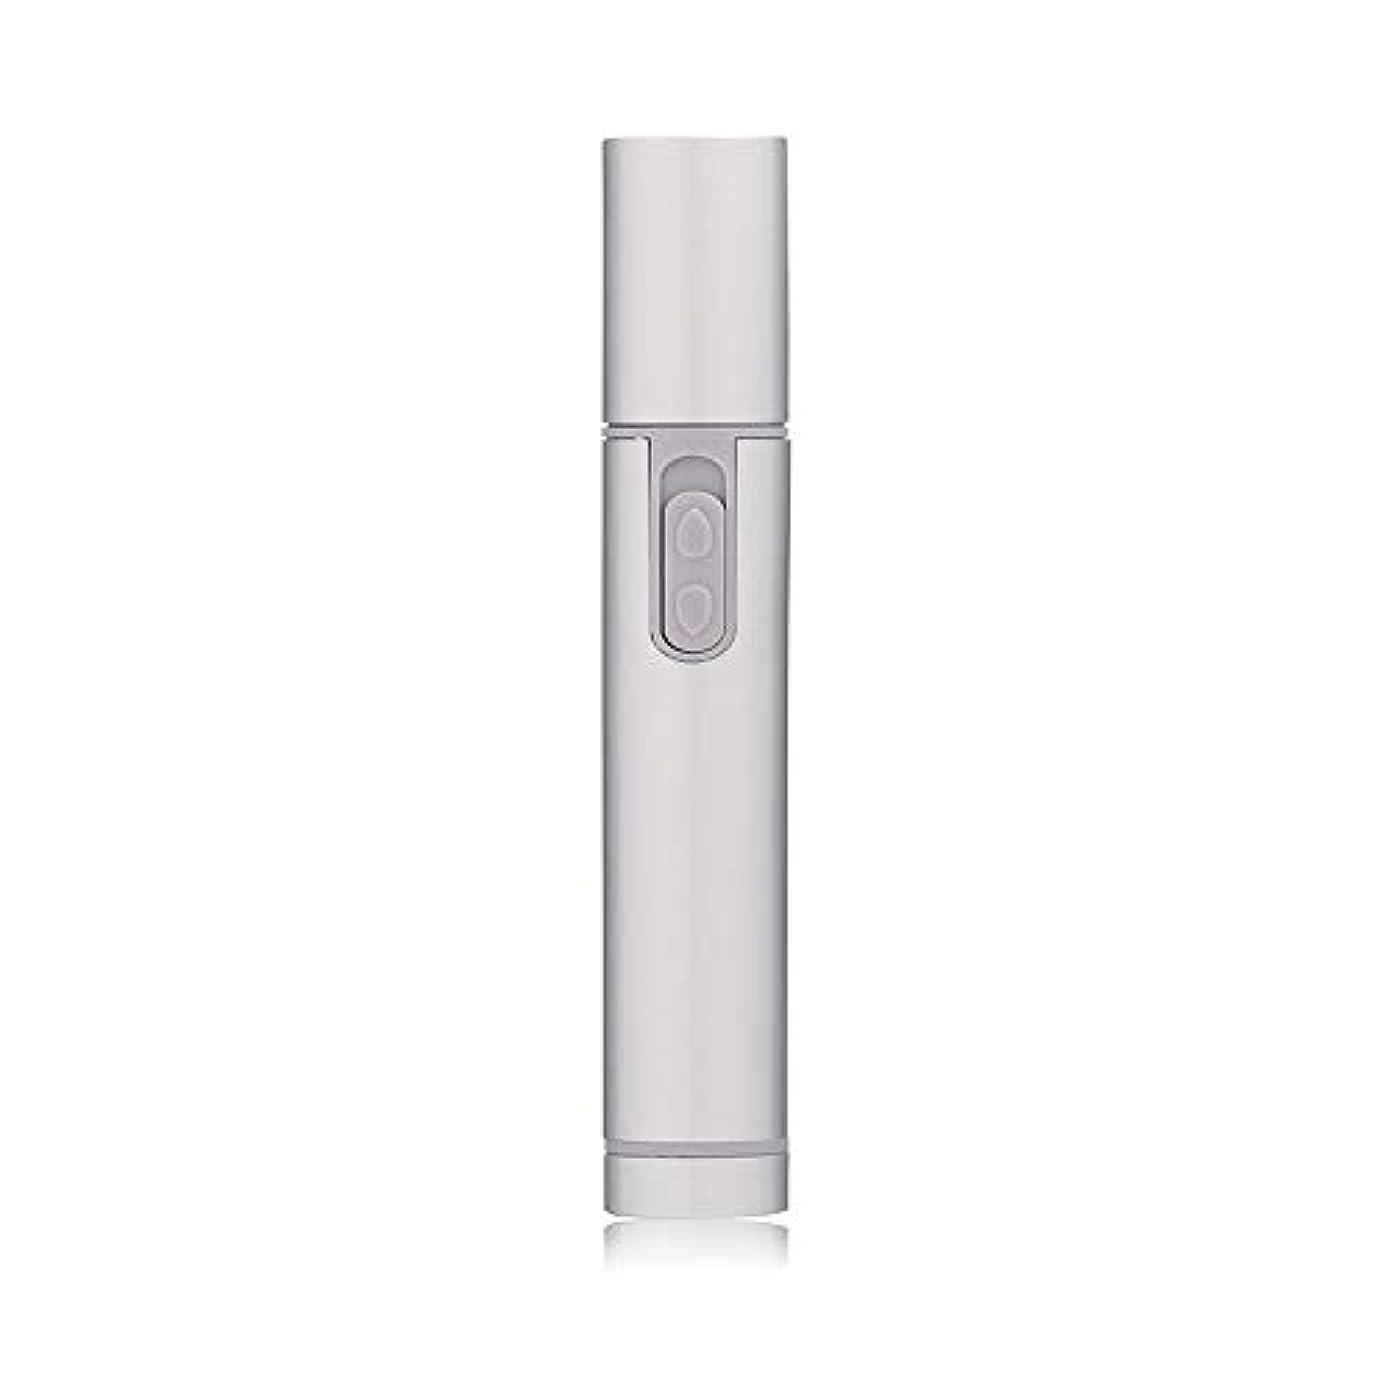 骨の折れる保護するプリーツ鼻毛トリマー-多機能電動鼻毛トリマー/ 360°回転オールラウンド/ナイフヘッド防水洗える/ 11.3-1.4cm 持つ価値があります